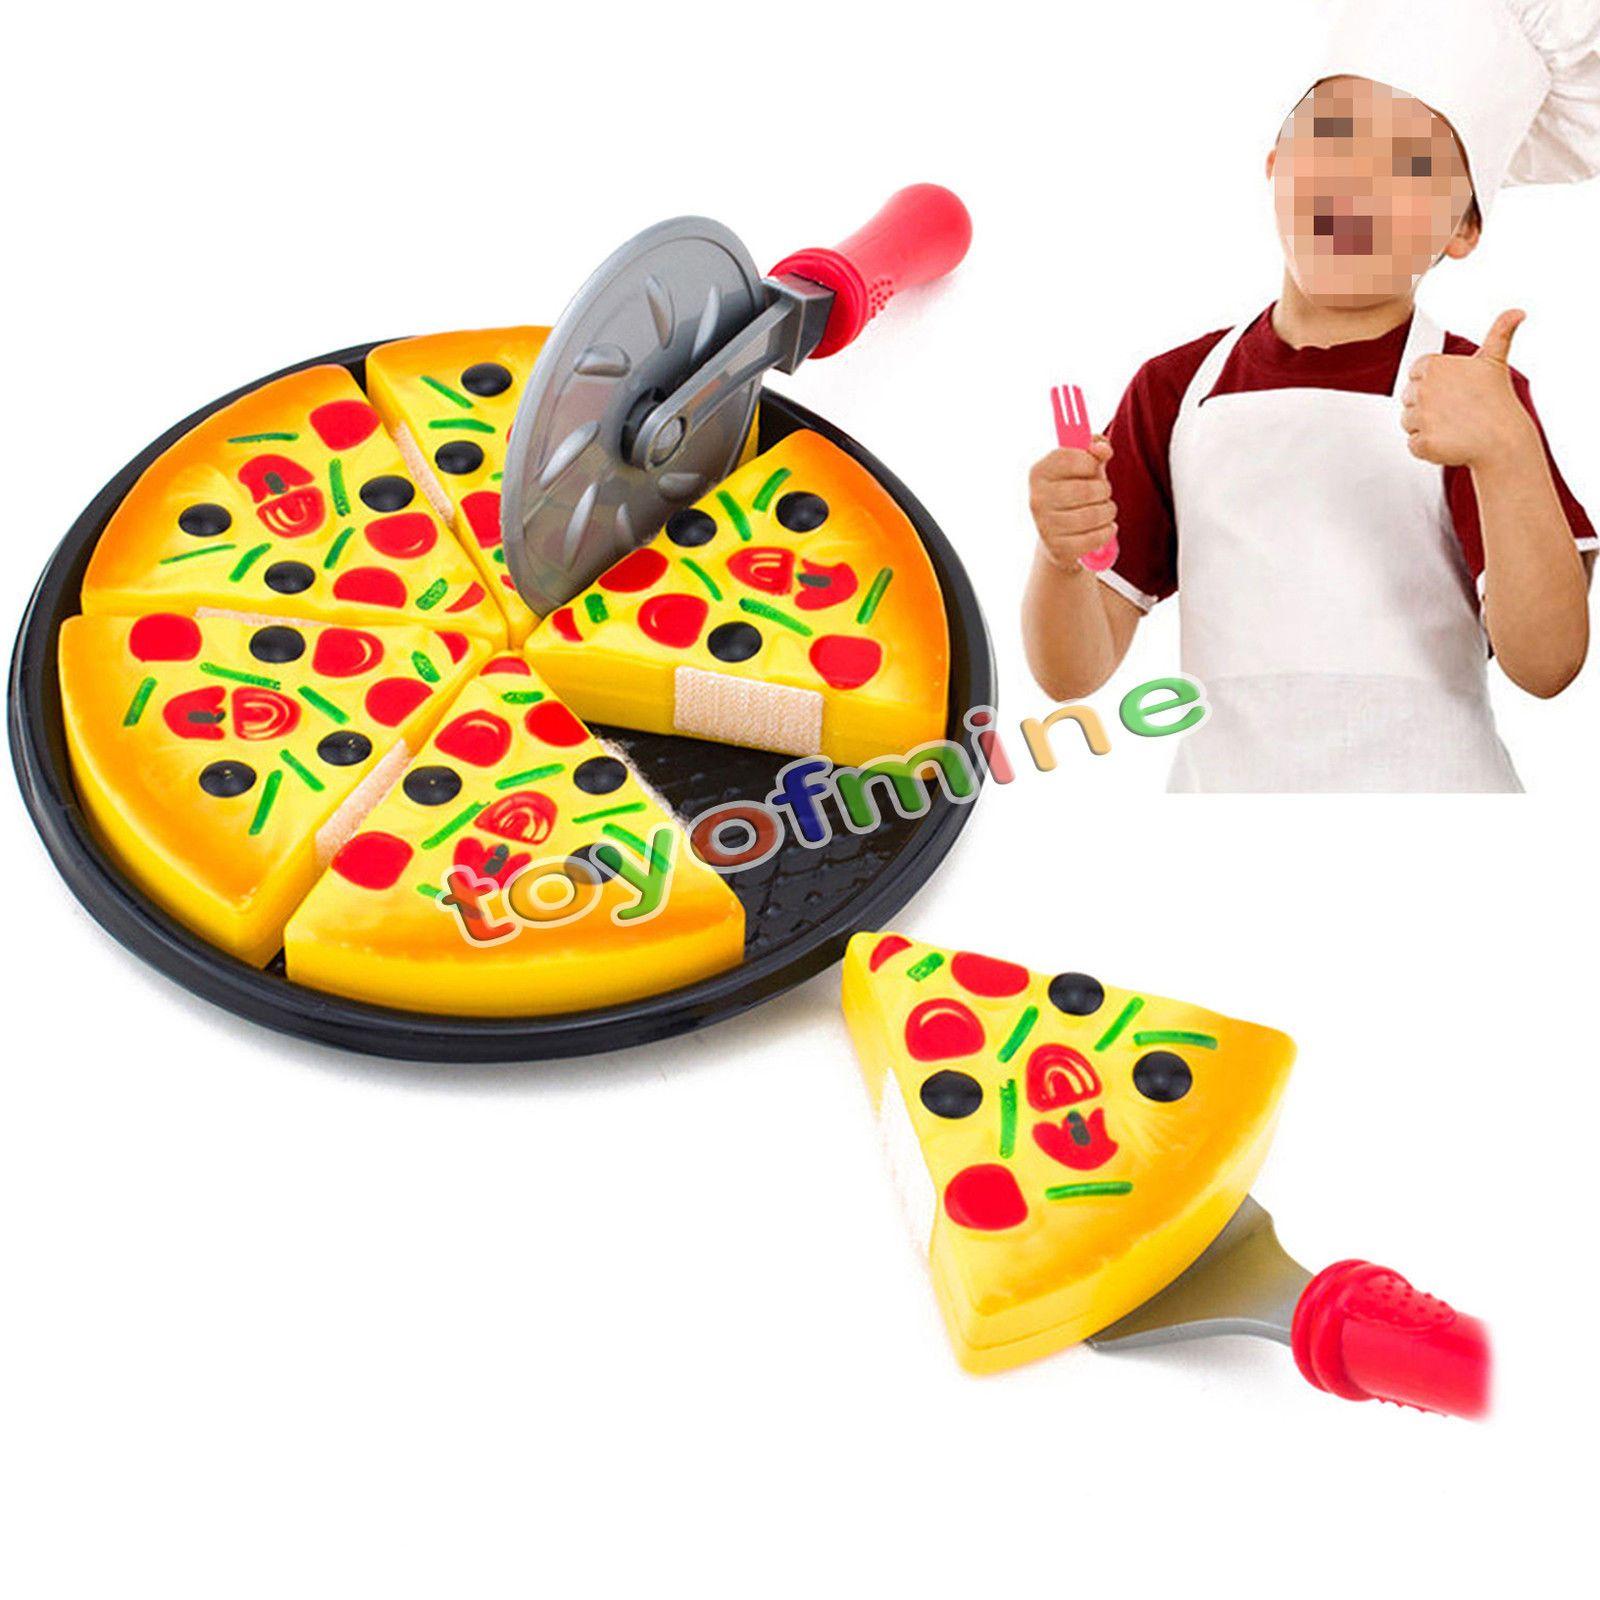 Neue Kreative Kinder Spielzeug Schneiden Pizza Pie Spielzeug Fast ...